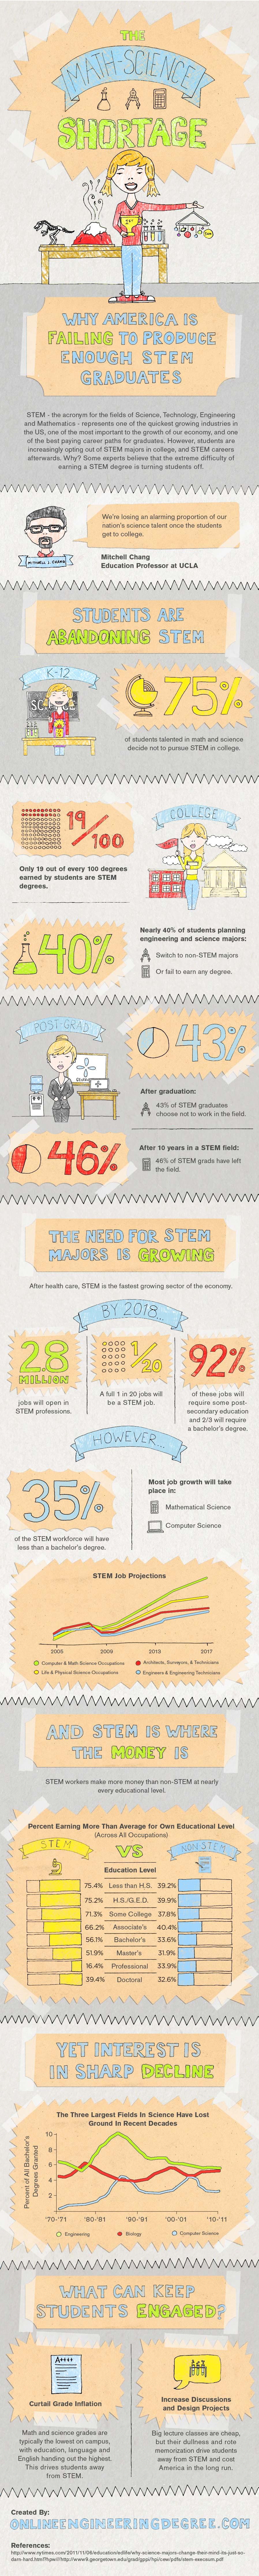 STEM Shortage